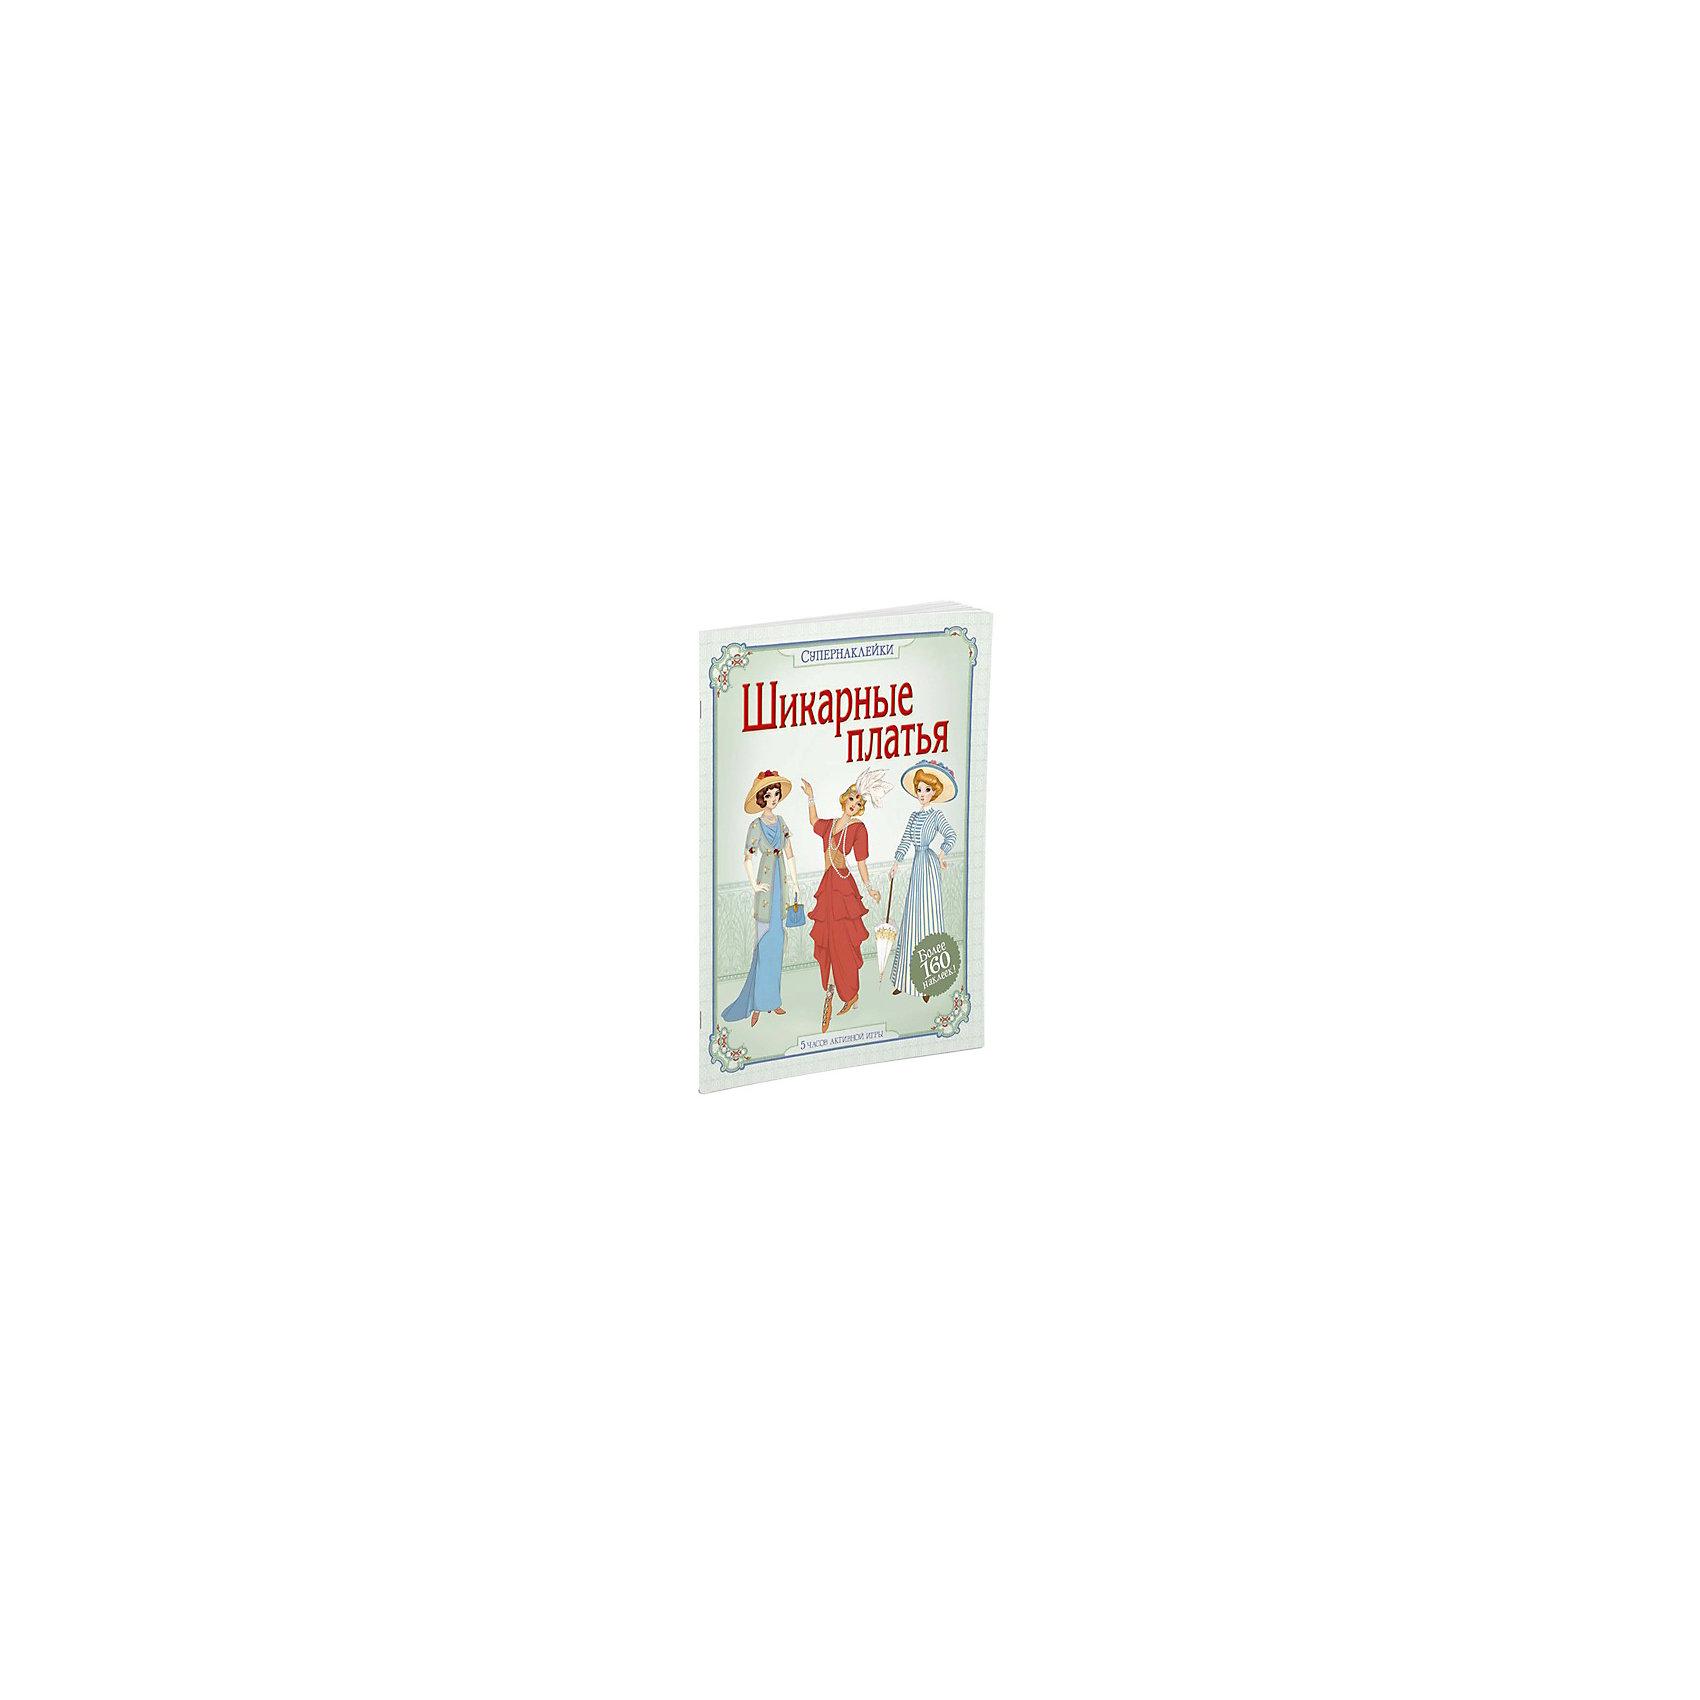 Книжка с наклейками Шикарные платьяСтань модельером начала ХХ века! С помощью наклеек подбери роскошные наряды для самых разных случаев: регаты, автомобильной прогулки, вечеринки в стиле ар-нуво, морского путешествия, скачек и танцев!<br><br>Читаем и играем! Развиваем внимание, воображение, мелкую моторику и художественный вкус.<br><br>Ширина мм: 305<br>Глубина мм: 240<br>Высота мм: 40<br>Вес г: 303<br>Возраст от месяцев: 12<br>Возраст до месяцев: 36<br>Пол: Женский<br>Возраст: Детский<br>SKU: 5493467